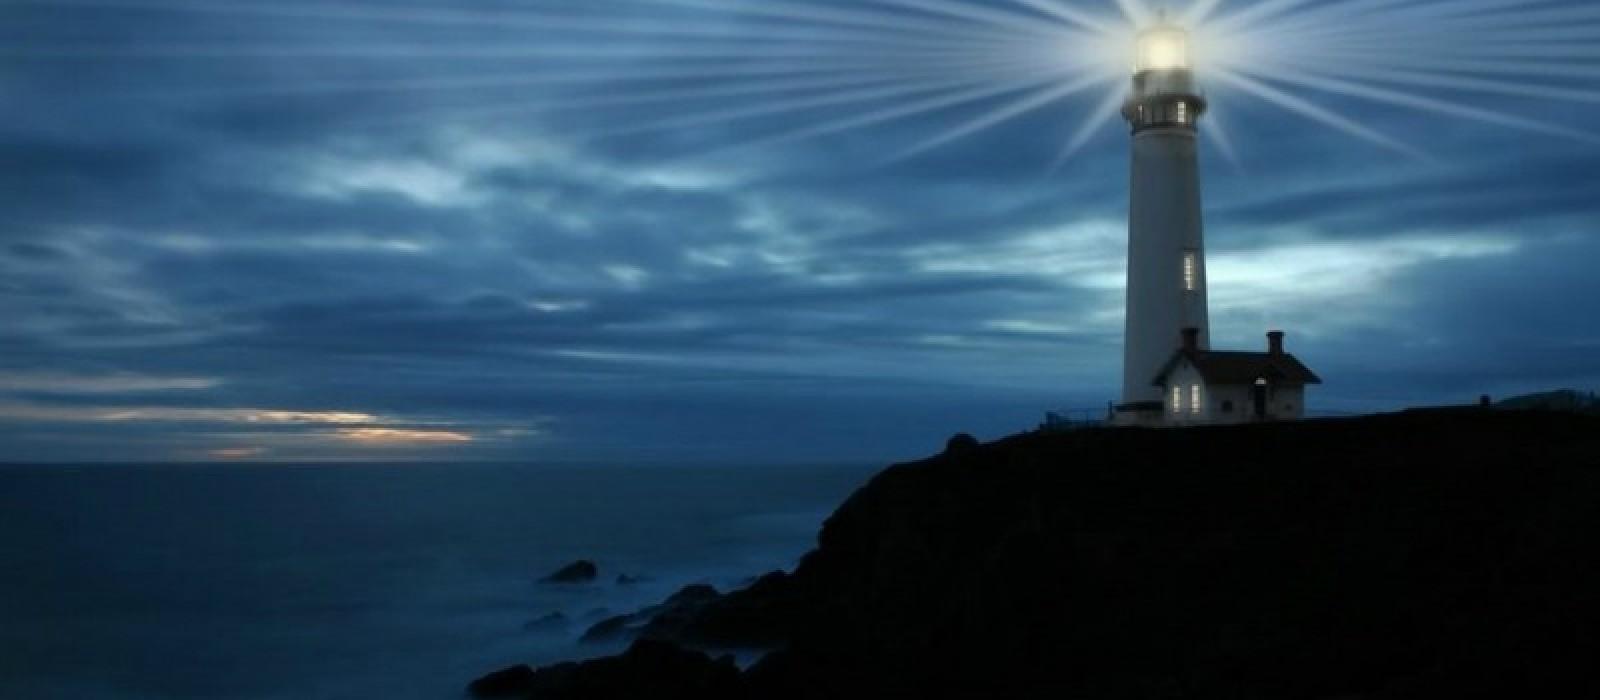 Svetionik u okeanu svakodnevice